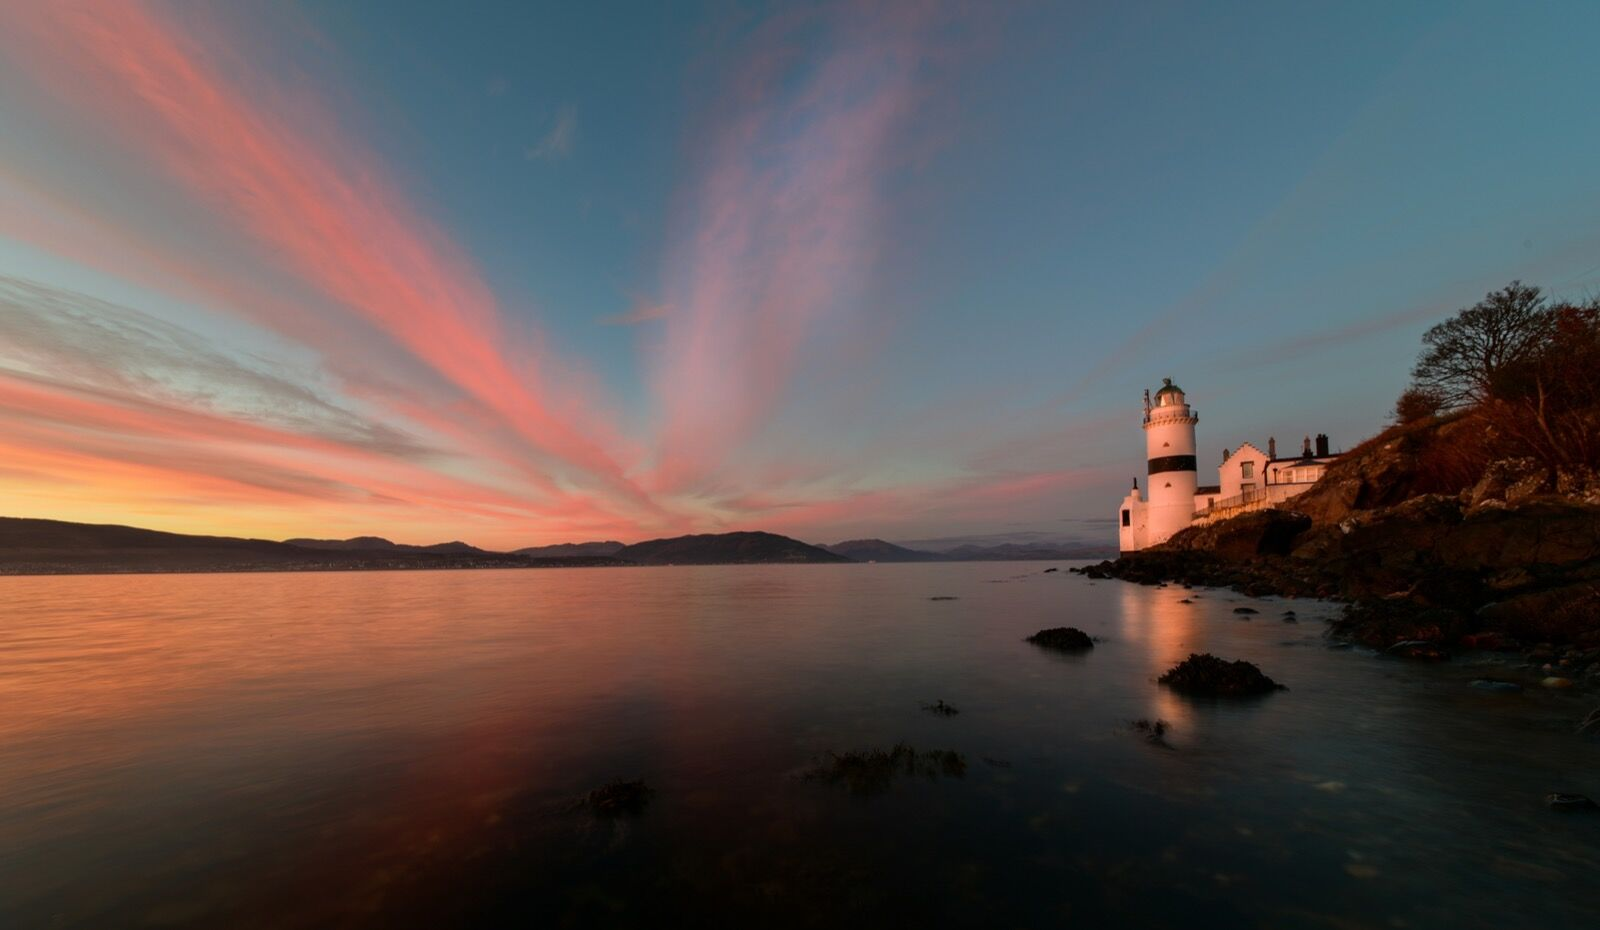 Cloch Lighthouse Sunset